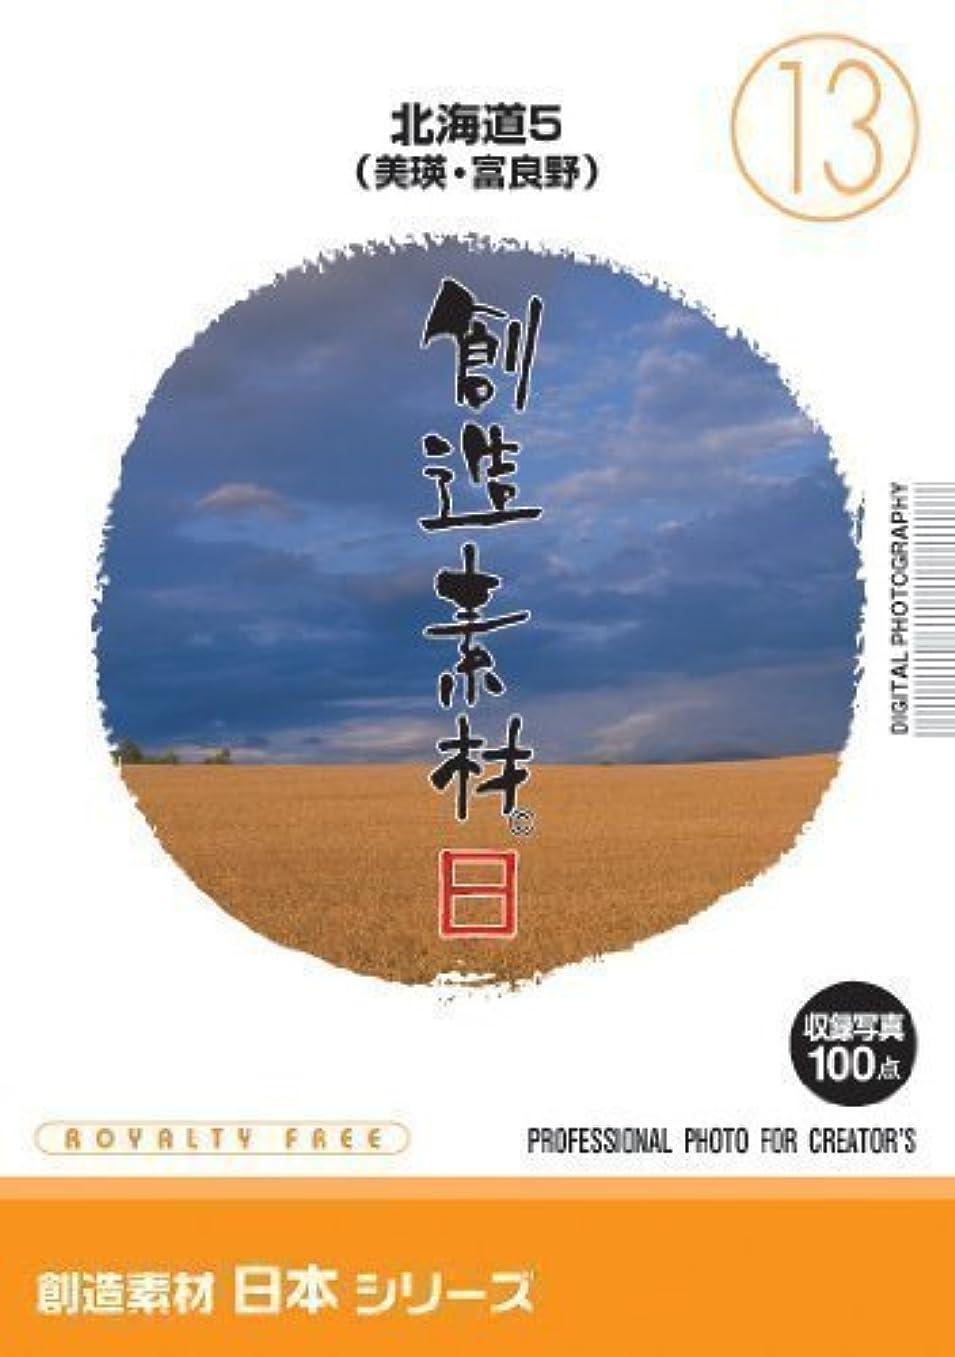 前任者バナーおなじみのイメージランド 創造素材 日本(13)北海道5(美瑛?富良野)